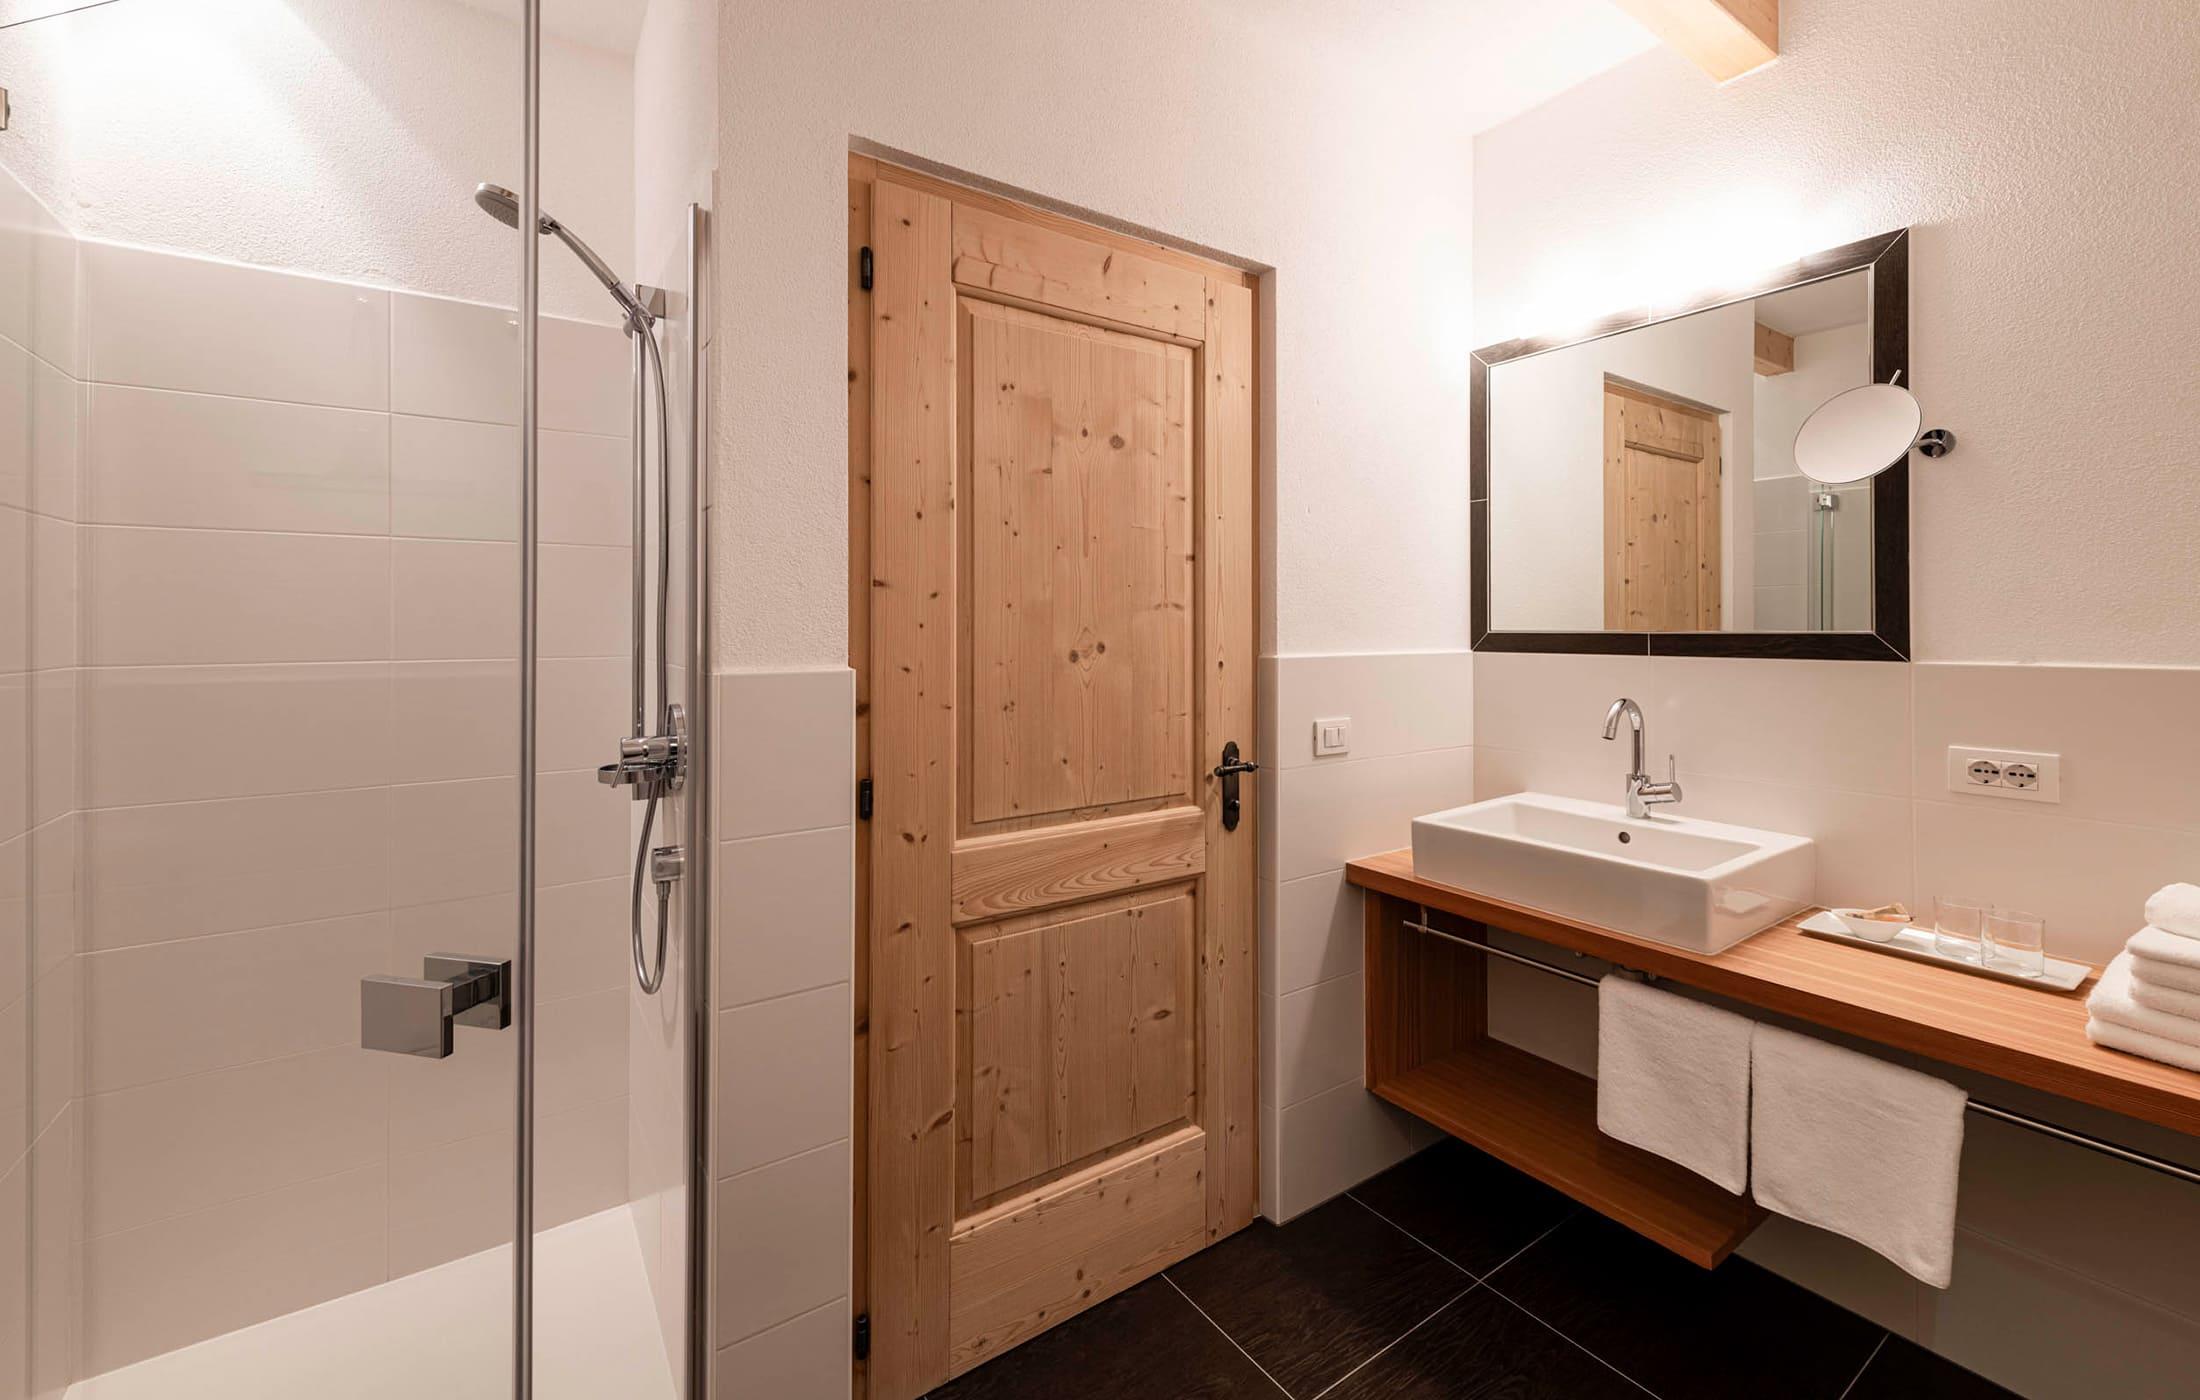 Christlrumerhof Slider Bauernhof Ferienwohnungen Appartement Badezimmer